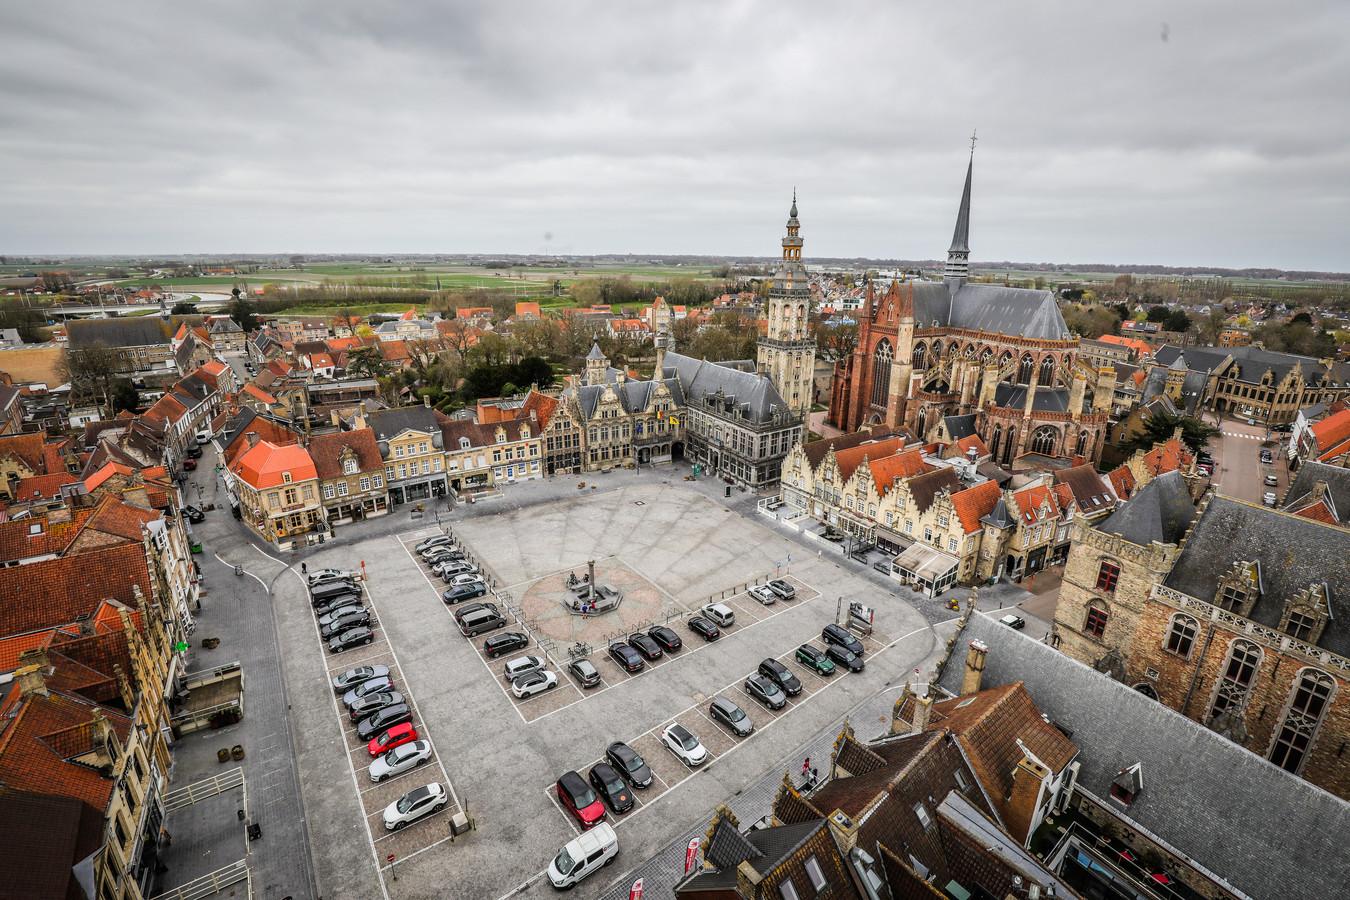 Het centrum van Veurne was afgelopen weekend het decor van enkele baldadigheden, waaronder een hevige vechtpartij in de Nieuwstraat.